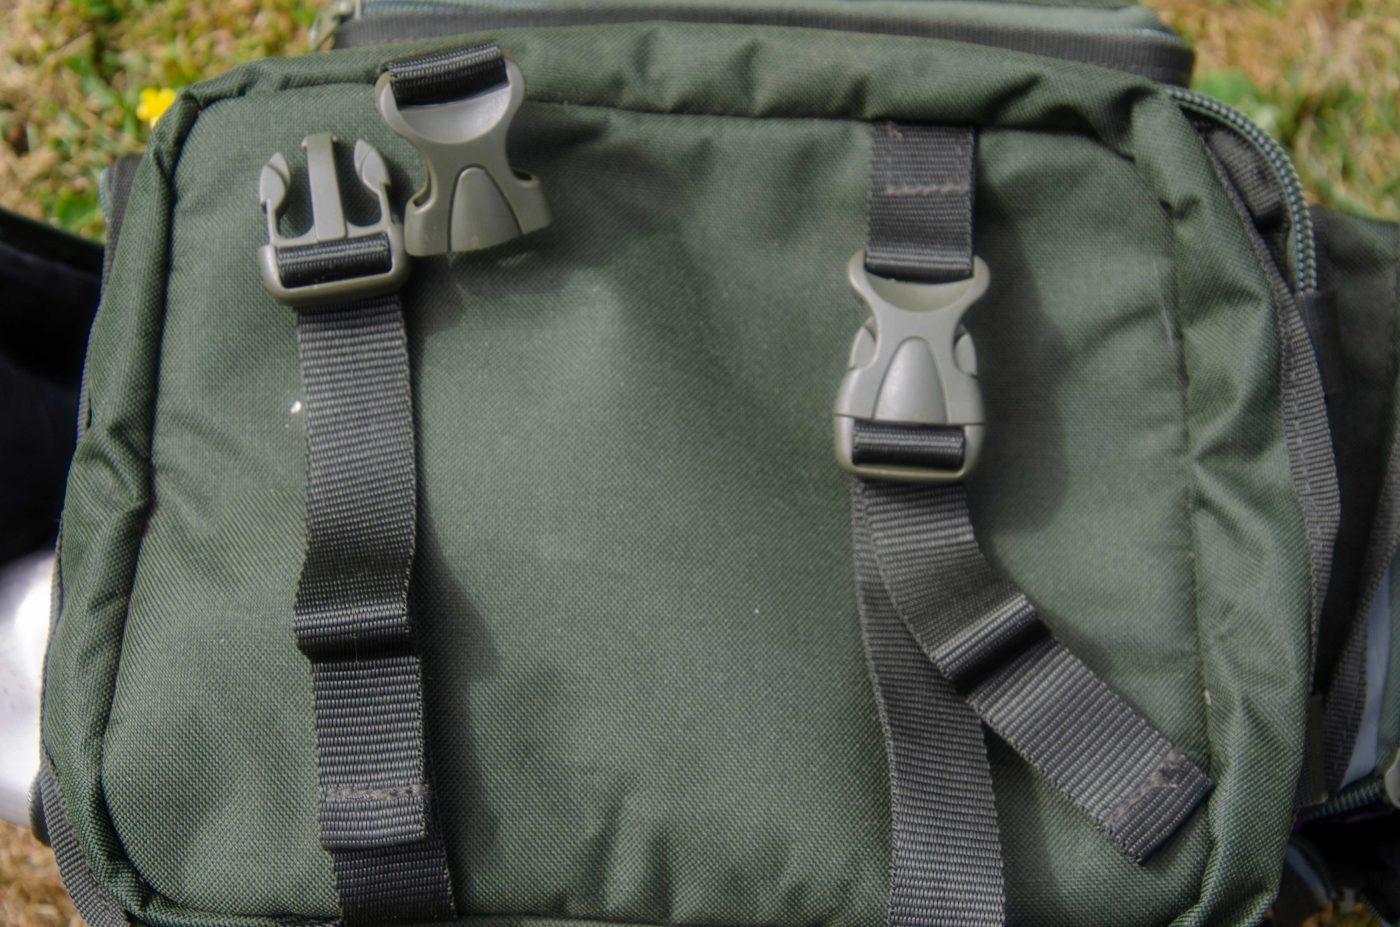 Två stycken fästremmar på ovansidan av väskan för t.ex. avkrokningsmatta och jacka.